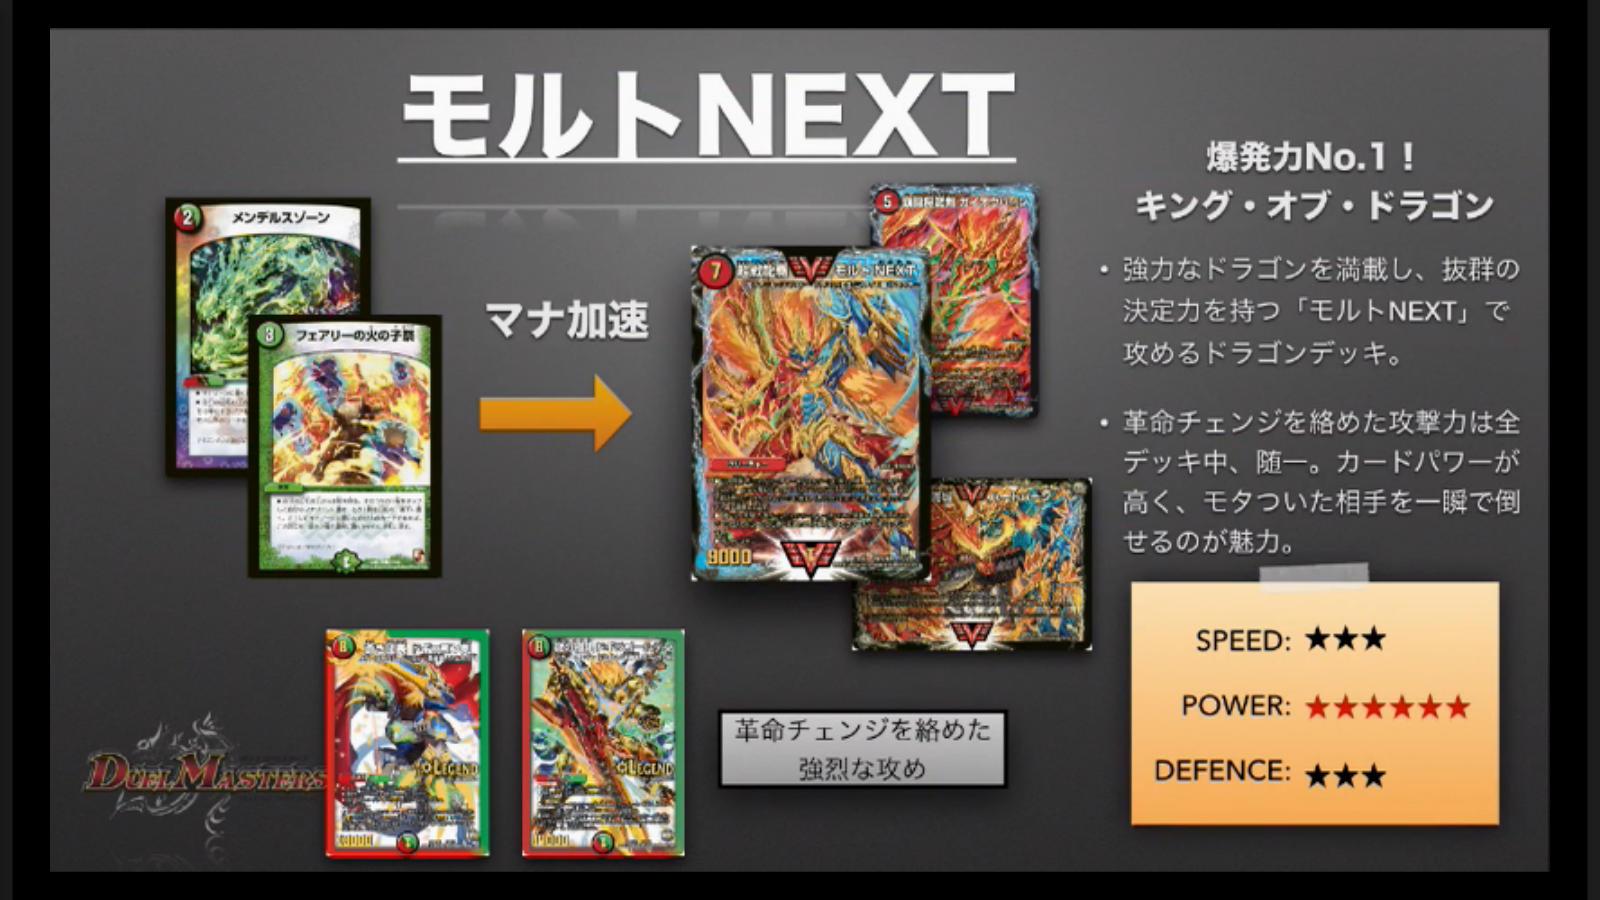 dm-kakumei-finalcup-news-170226-020.jpg